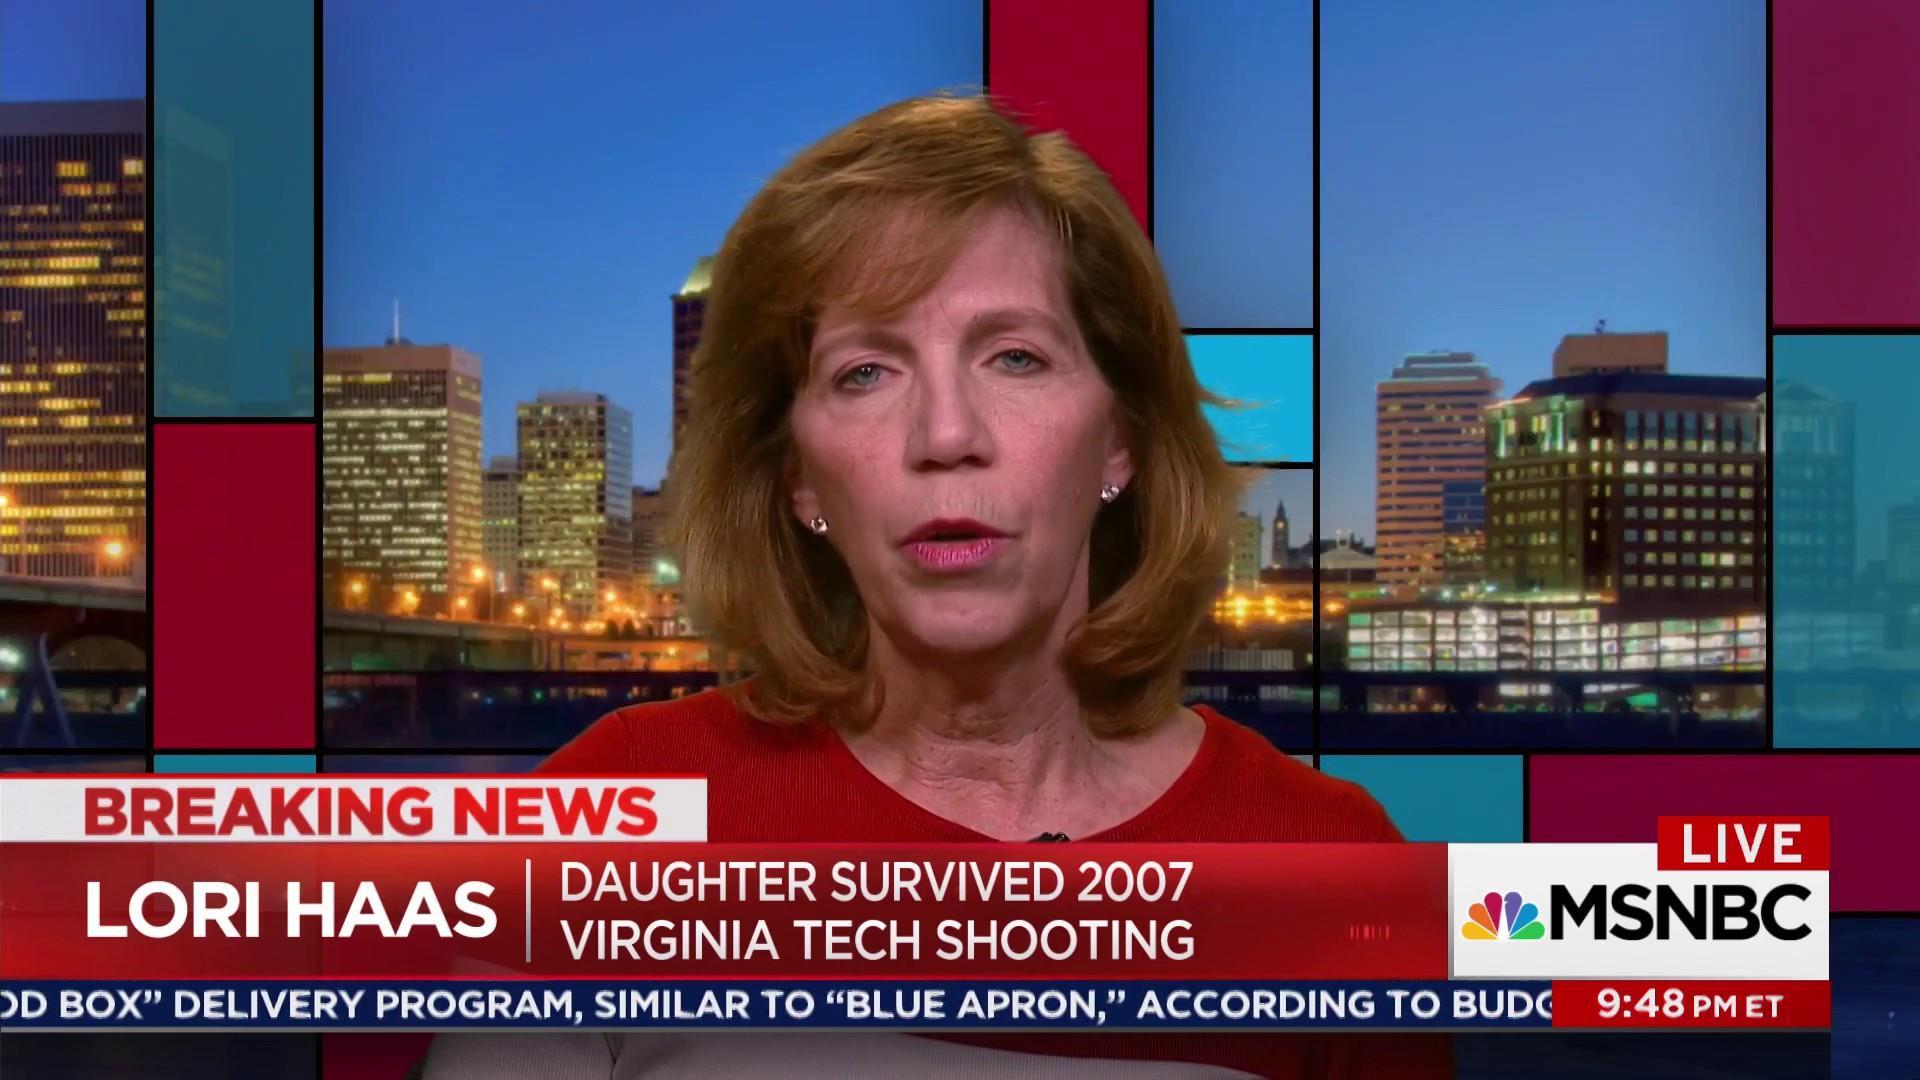 Gun safety politics grows as gun violence victims increase